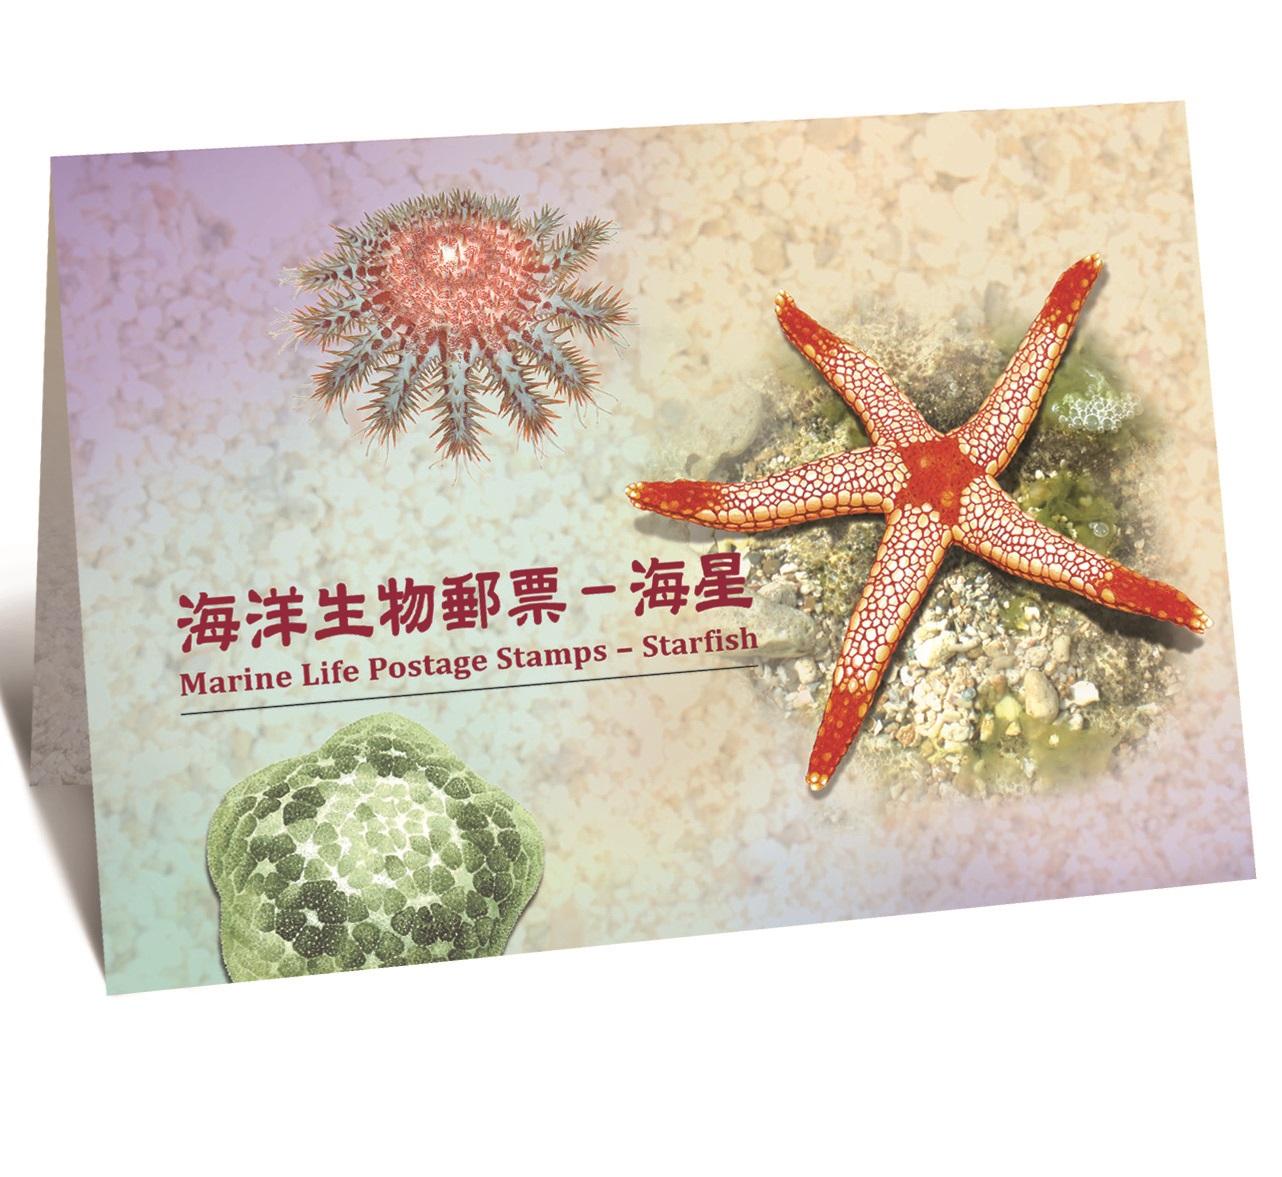 台灣郵票情報讚 - Taiwan stamp information | Facebook圖